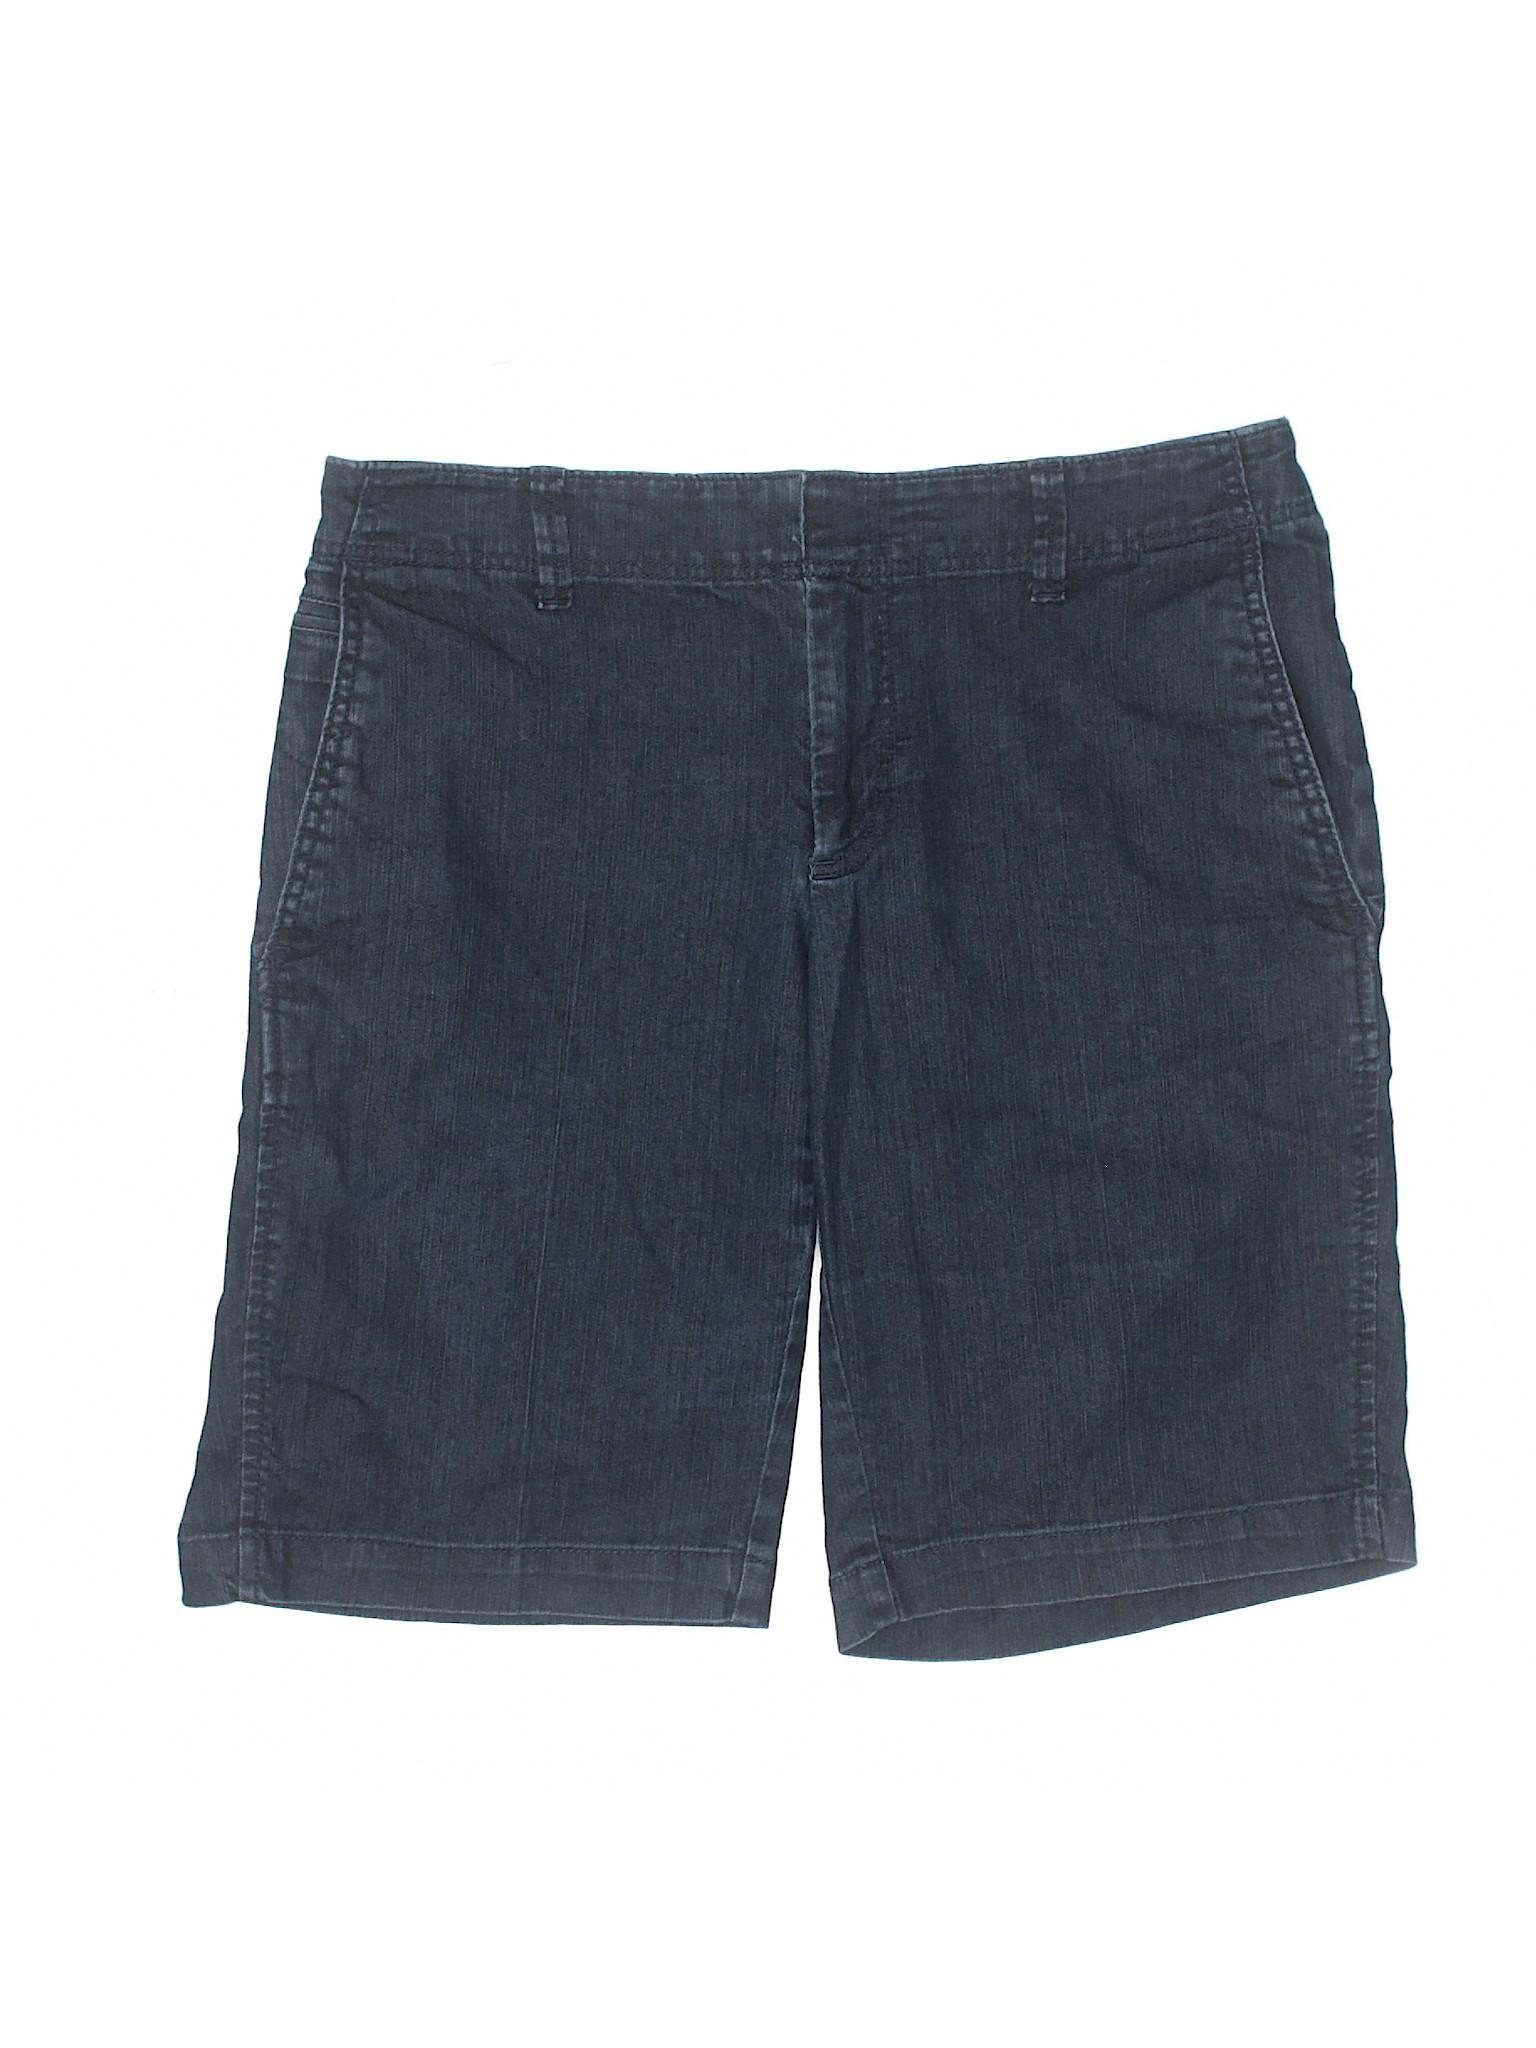 Boutique Gap Outlet Outlet Boutique Gap Shorts Gap Boutique Denim Denim Shorts xqgZO5Xn